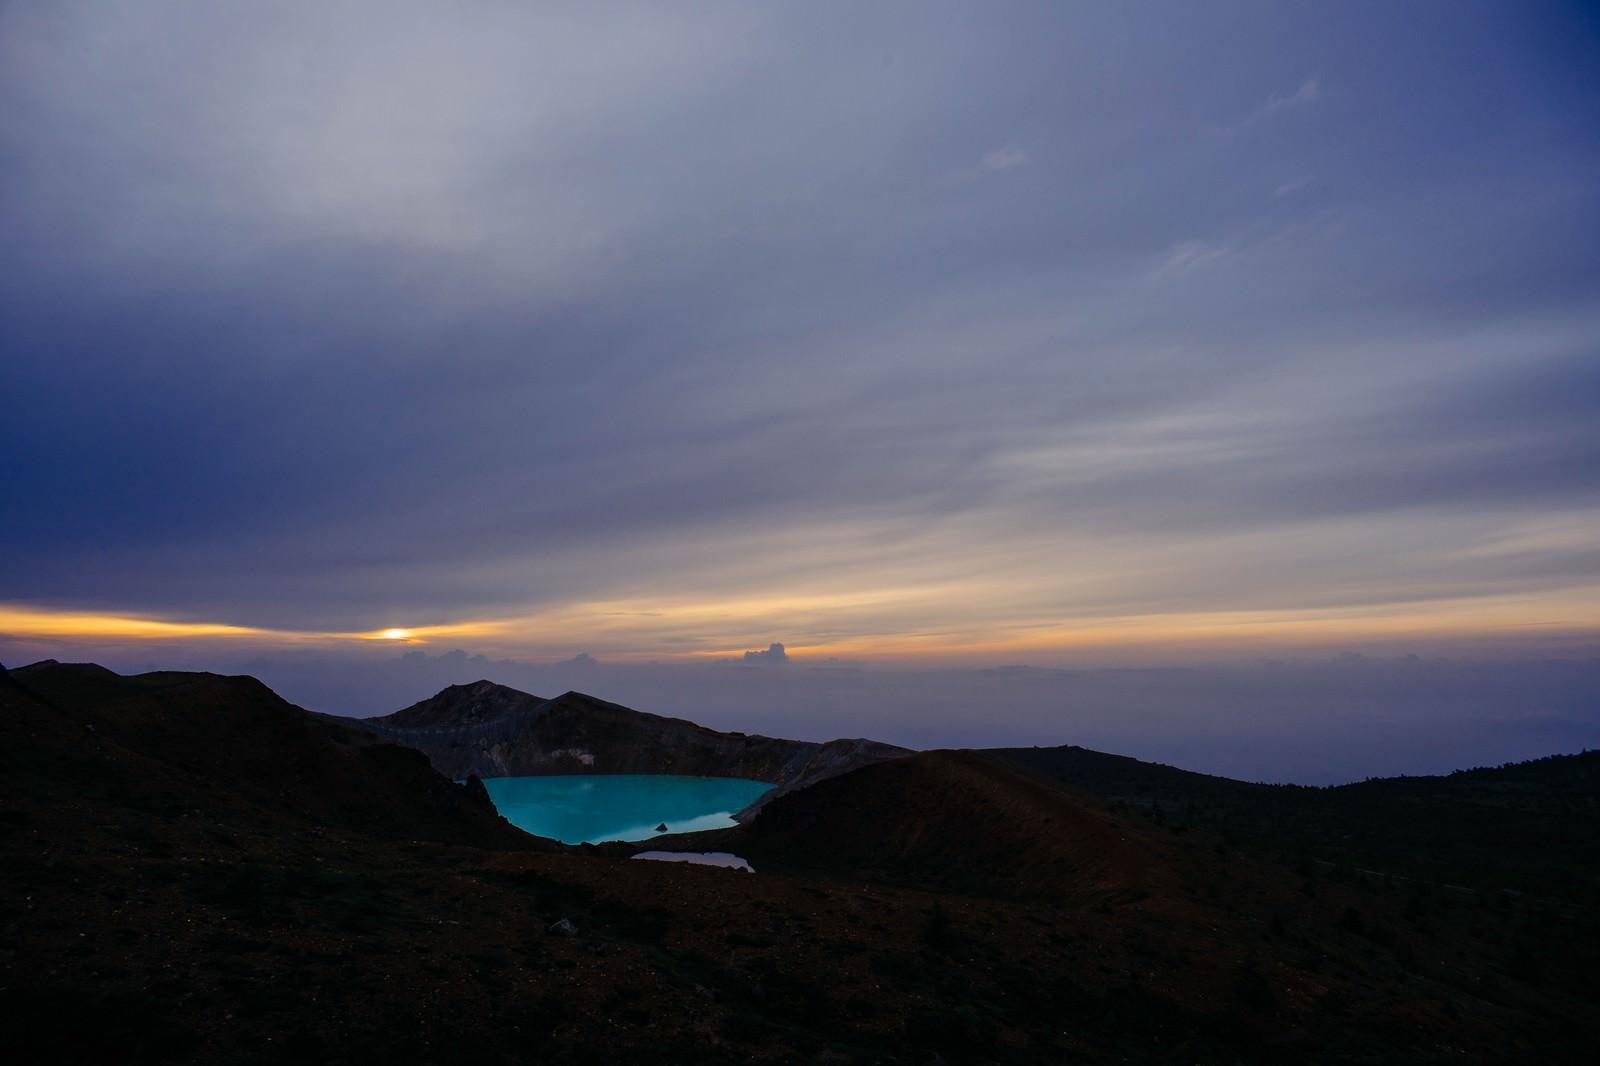 「エメラルドグリーン色の湯釜」の写真